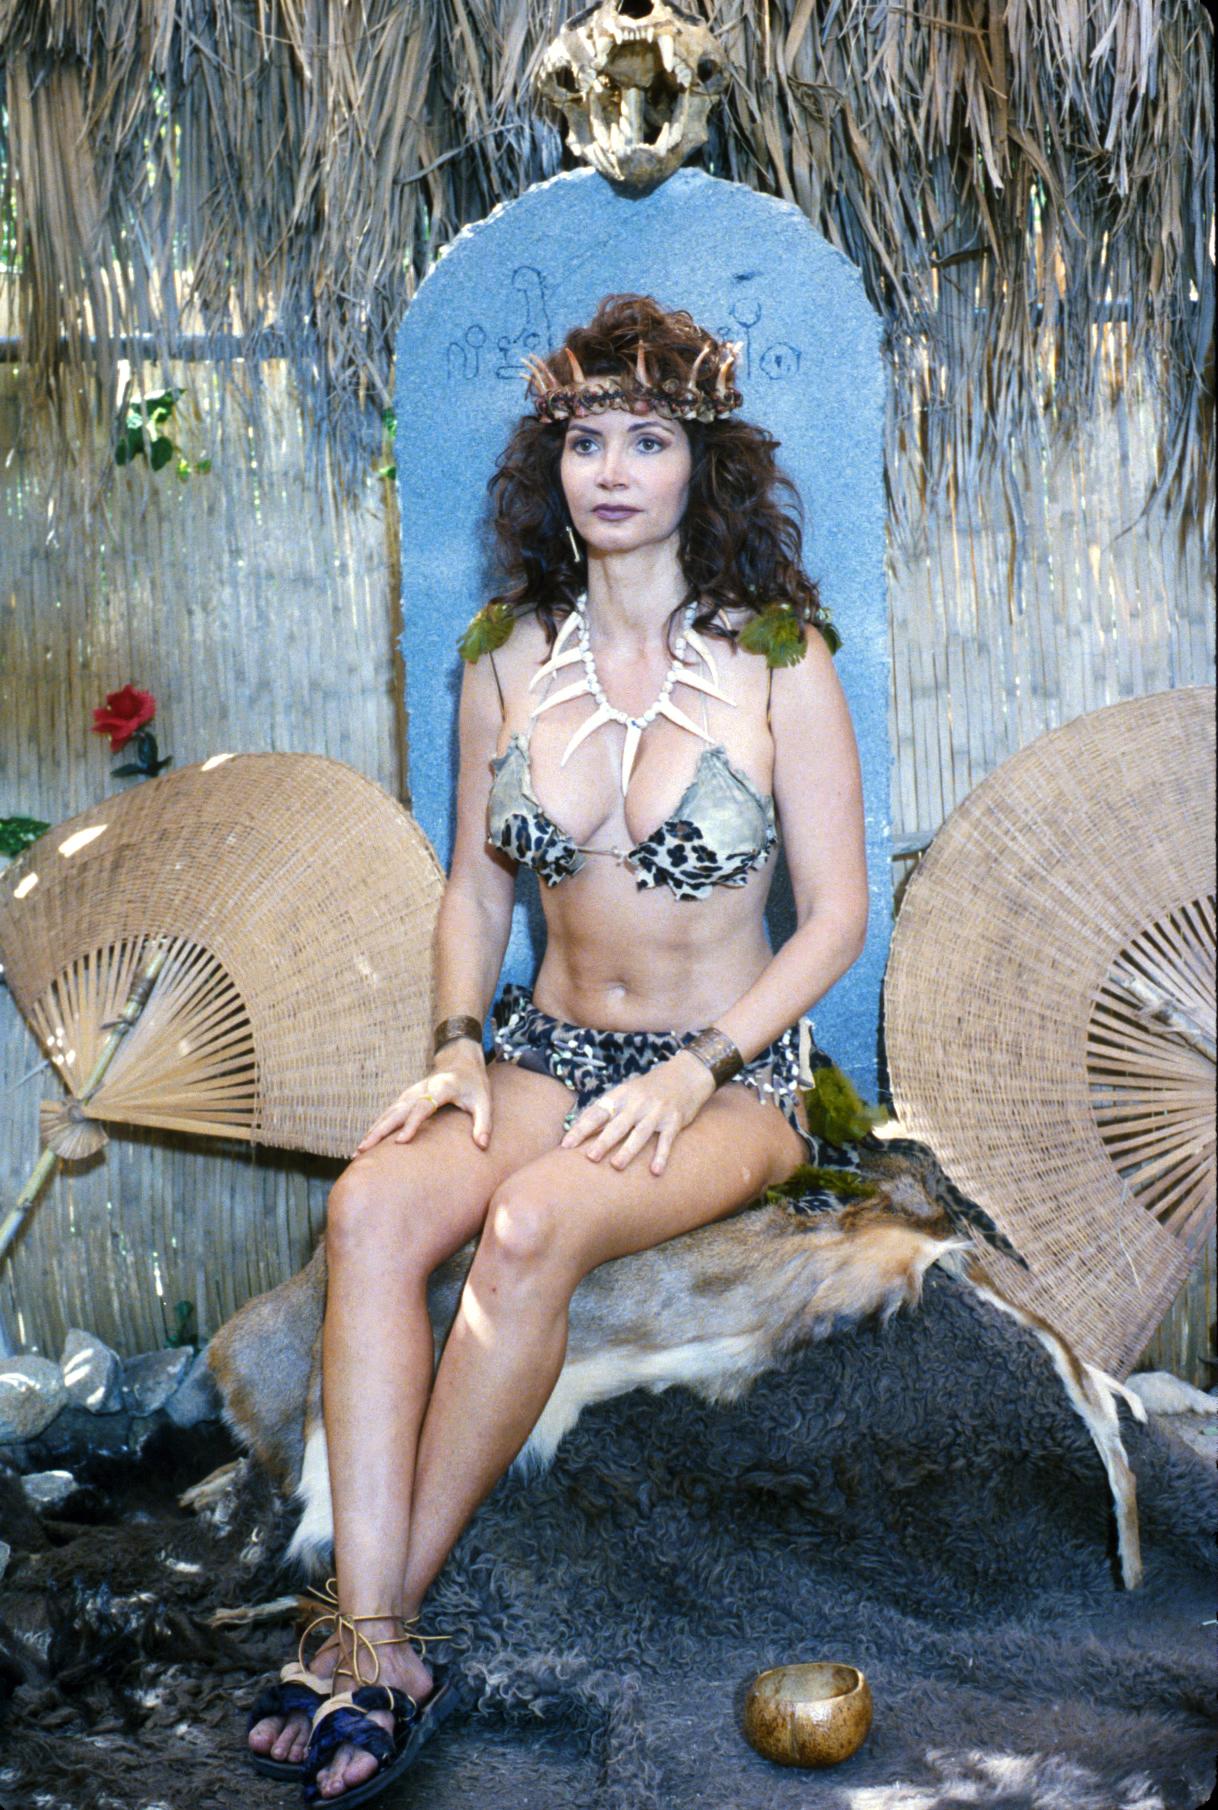 nackt Naples Toni Toni Collette's